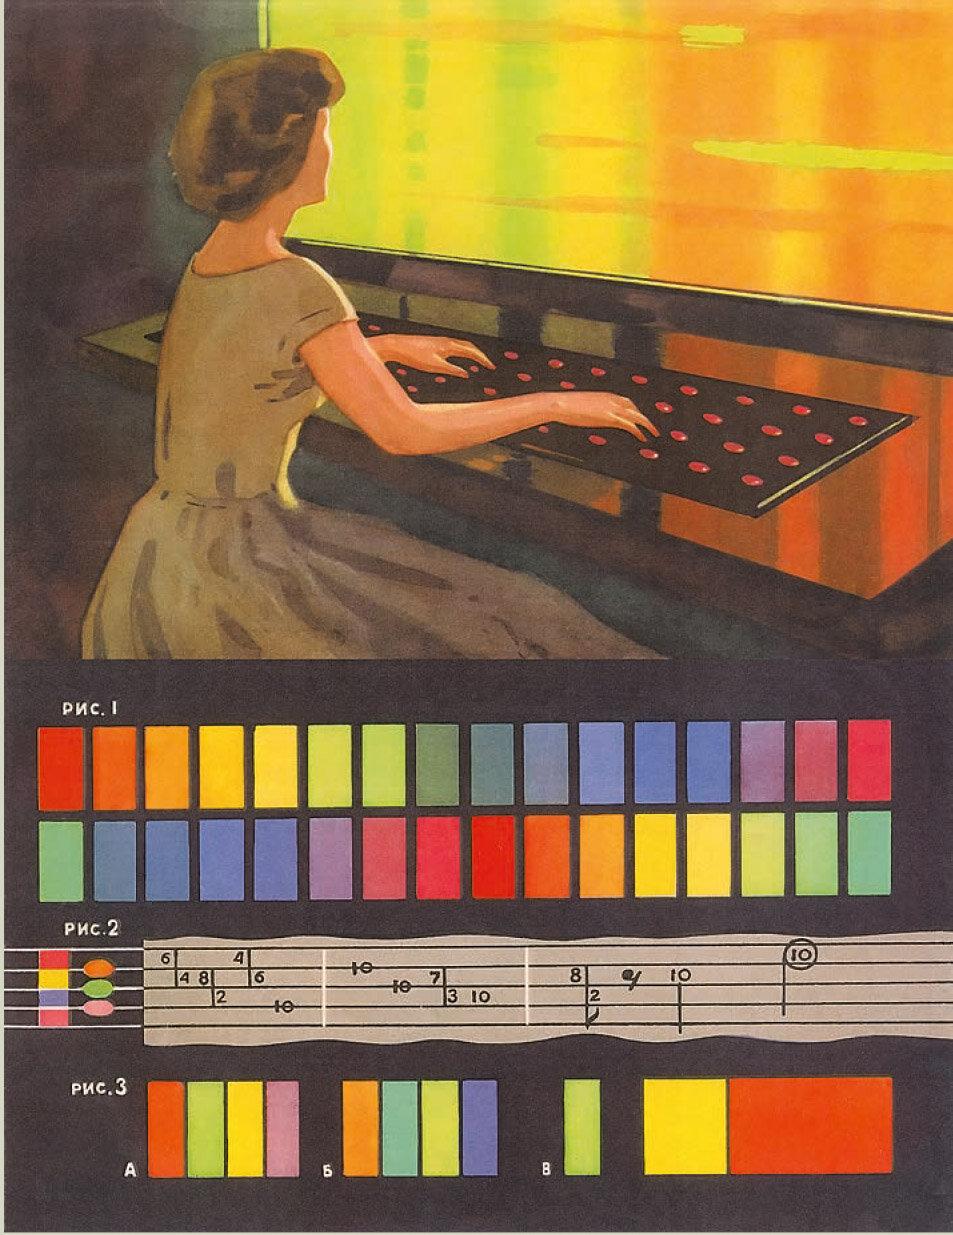 Ілюстрації до статті Флоріана Юр'єва «Музика кольору», яка була опулікована в першому номері журналу «Наука і життя», 1961. З особистого архіву Флоріана Юр'єва